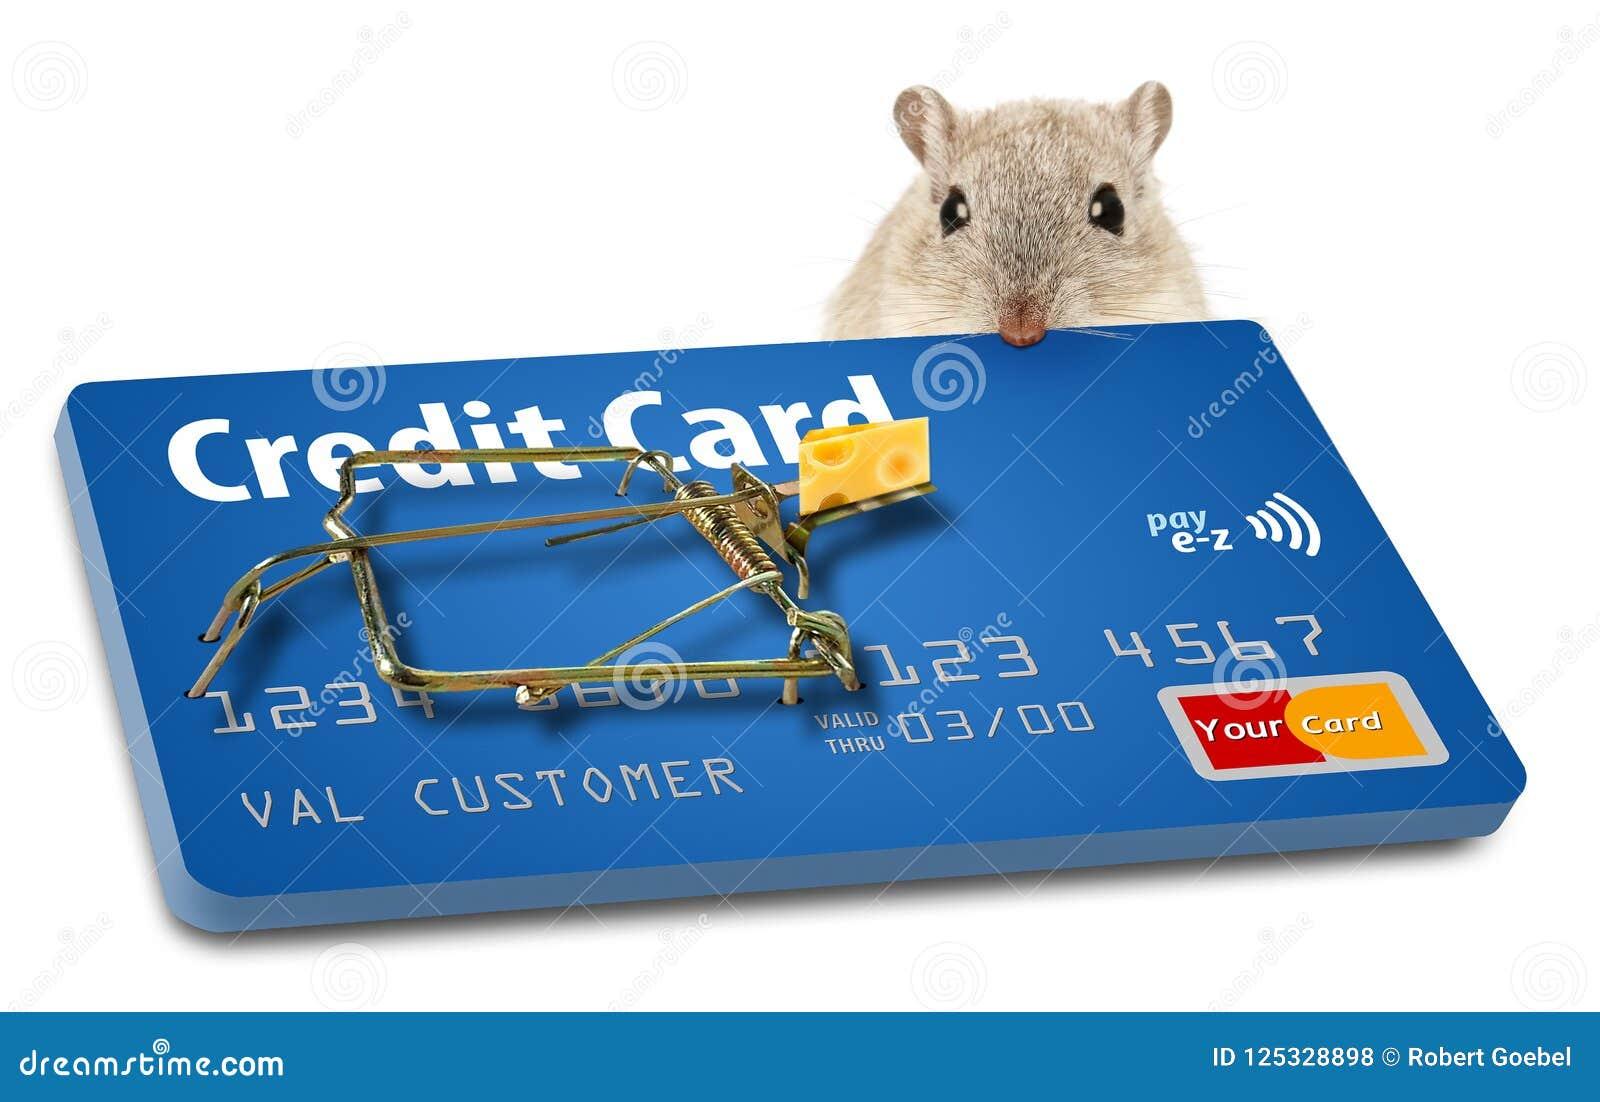 避免信用卡陷井 一个被引诱的捕鼠器提出这观点